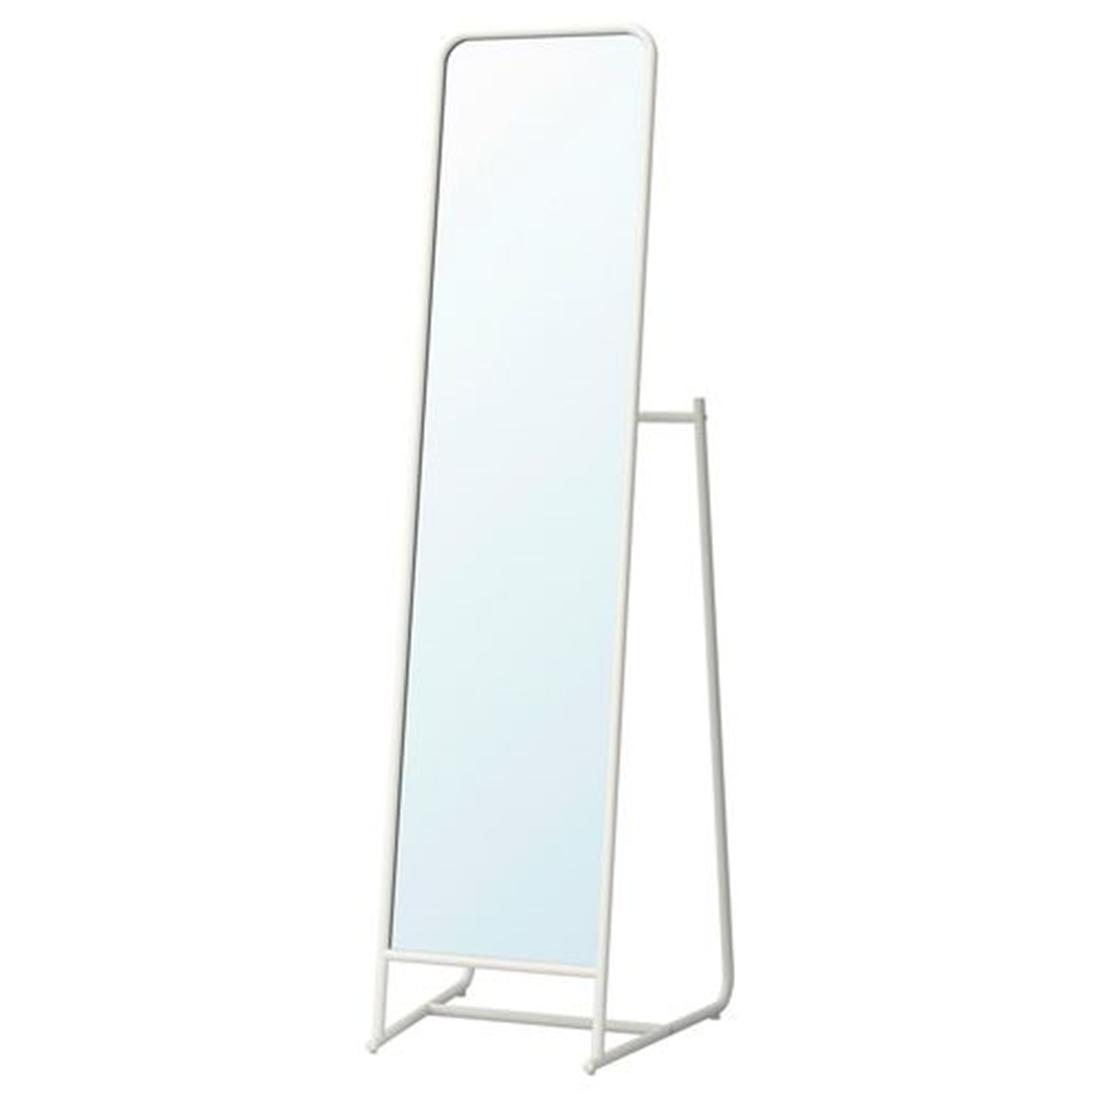 Зеркало напольное, белый, 48x160 см КНАППЕР [203.962.41] 203.962.41